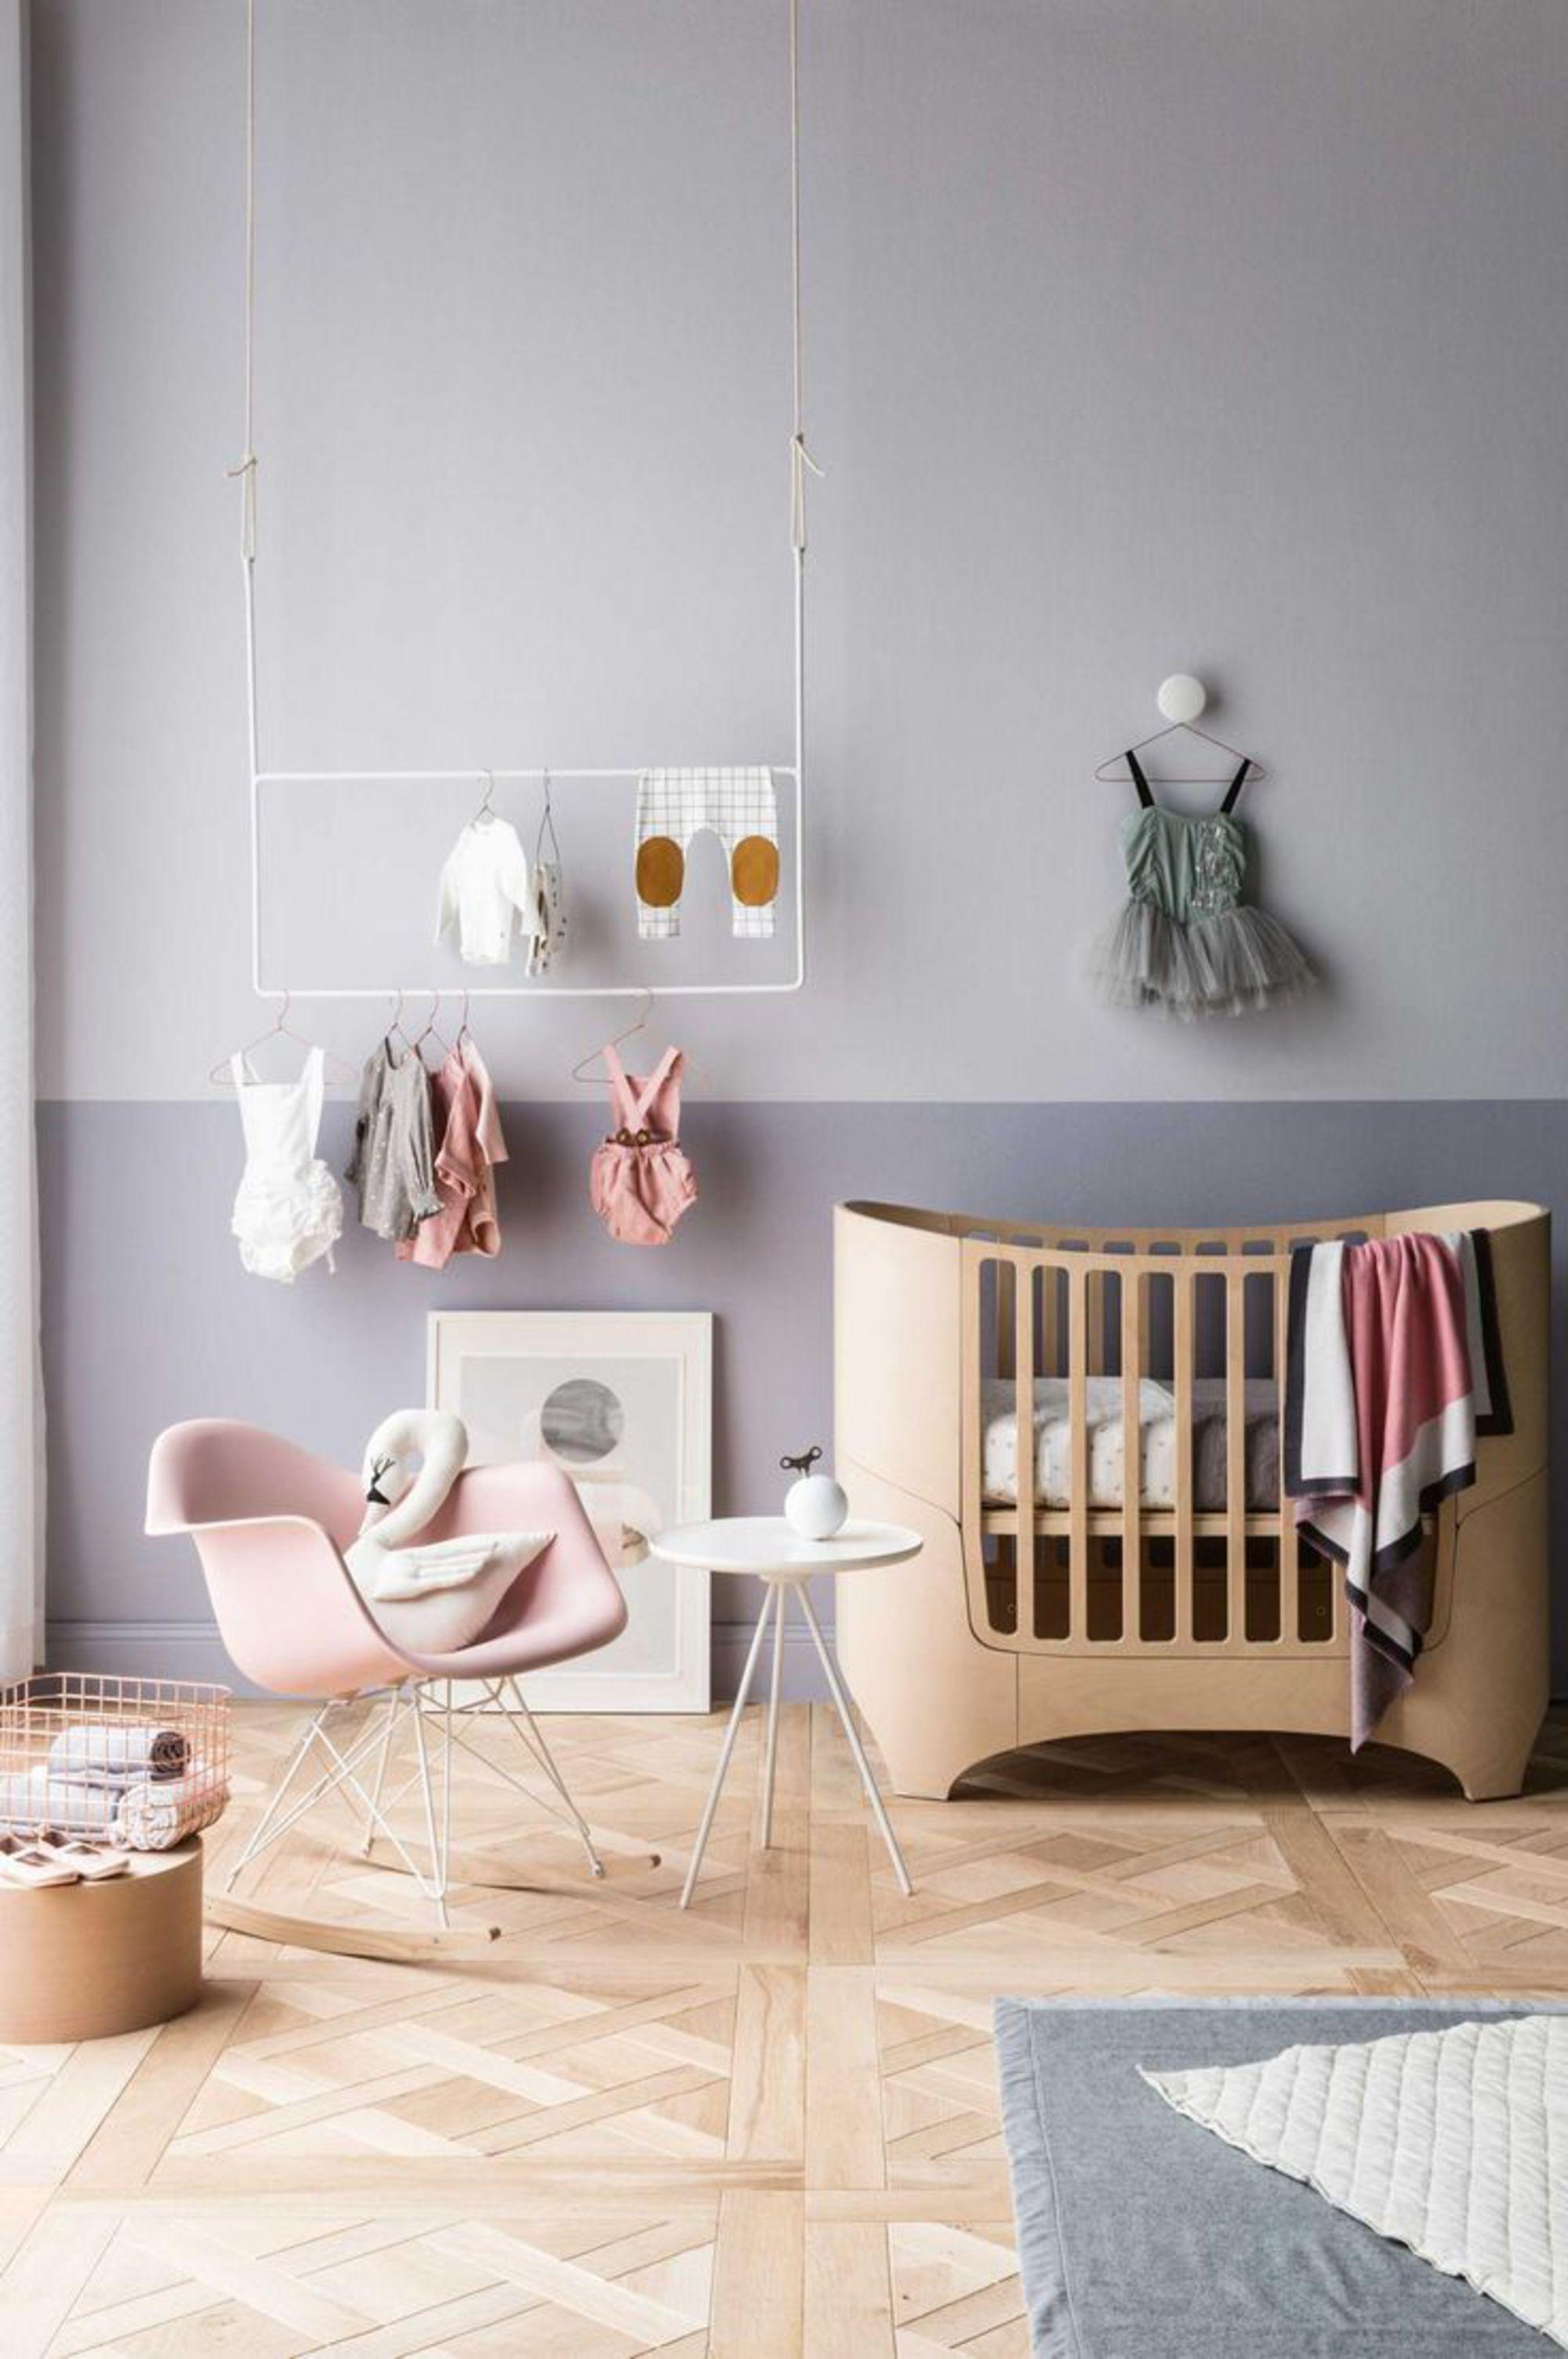 Déco chambre enfant : 19 idées déco à copier vues sur Pinterest